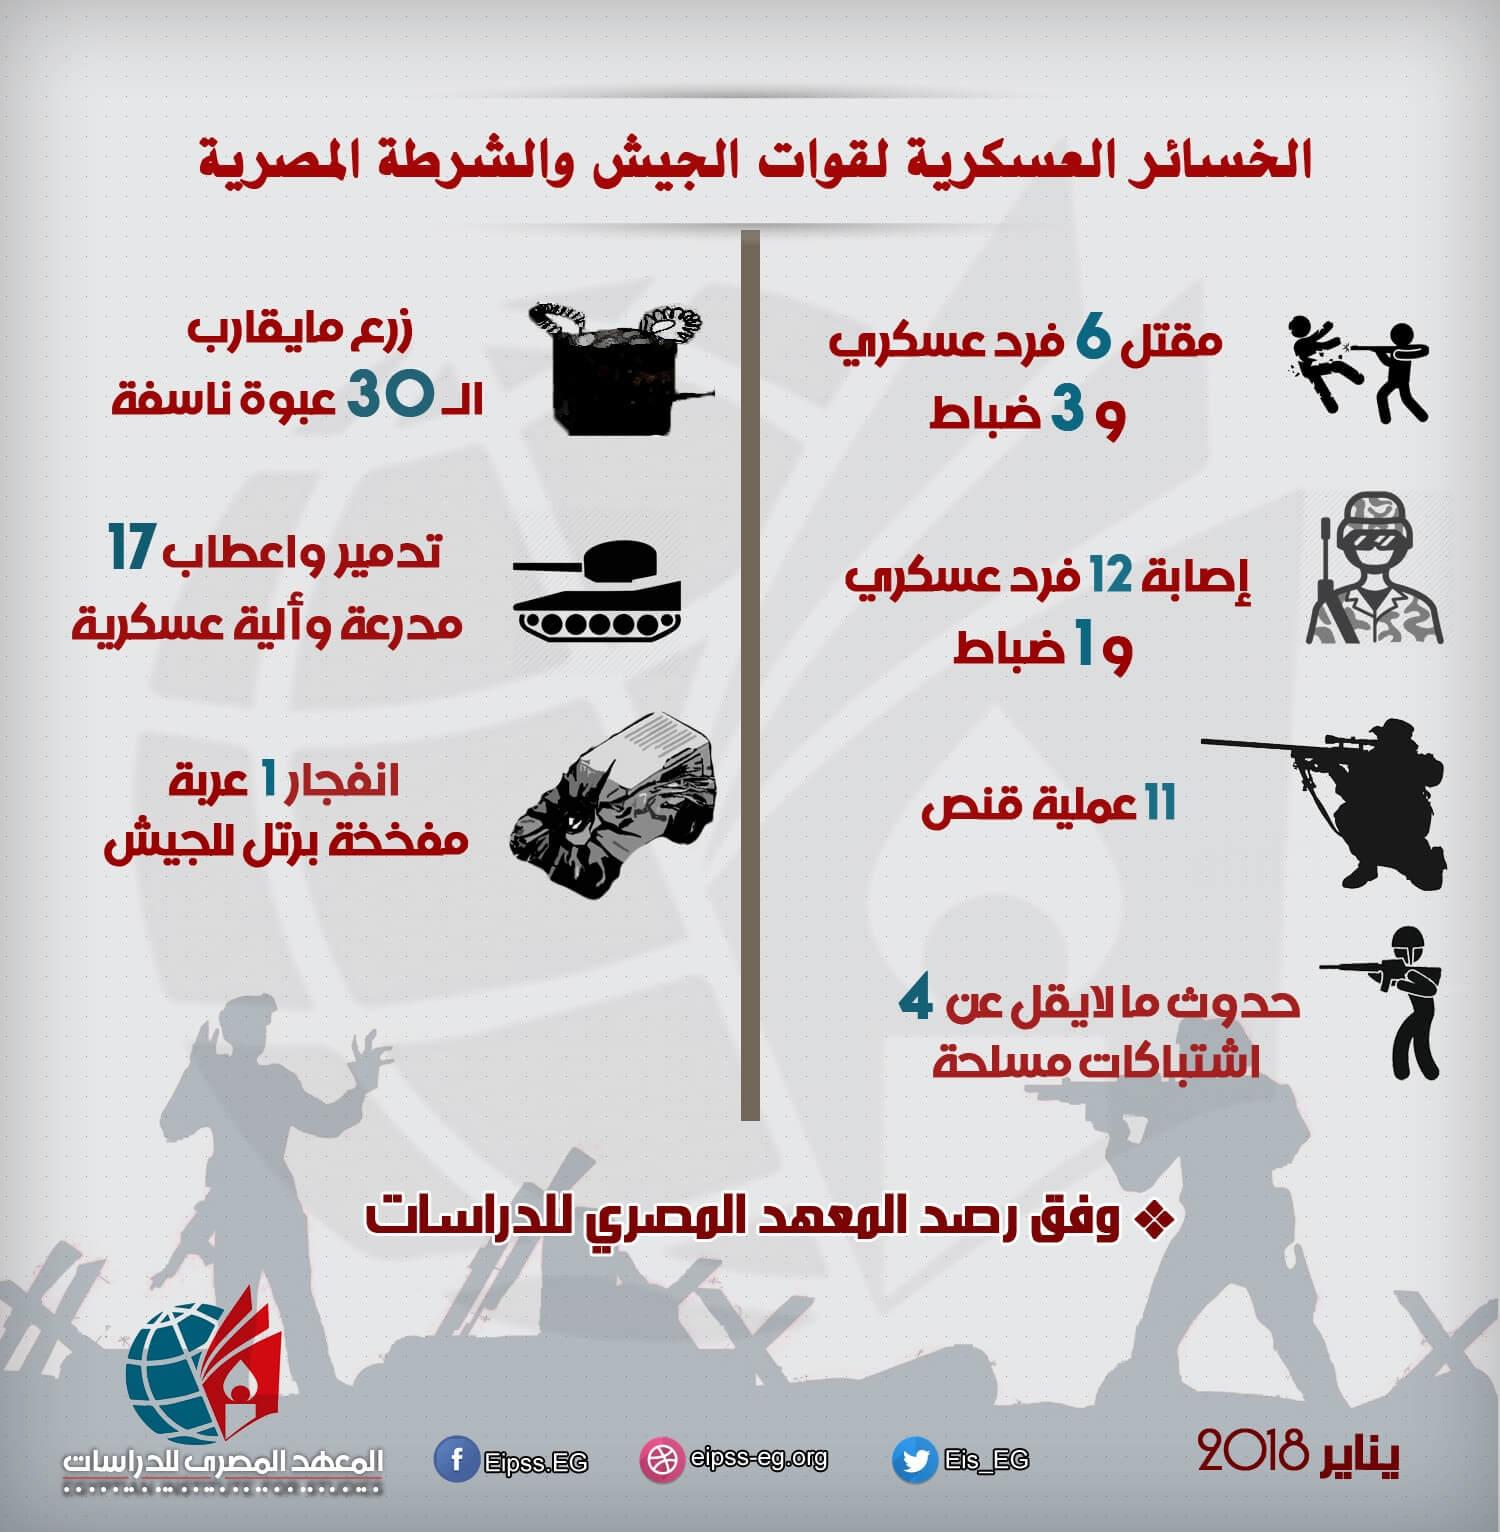 خسائر الجيش والشرطة في سيناء